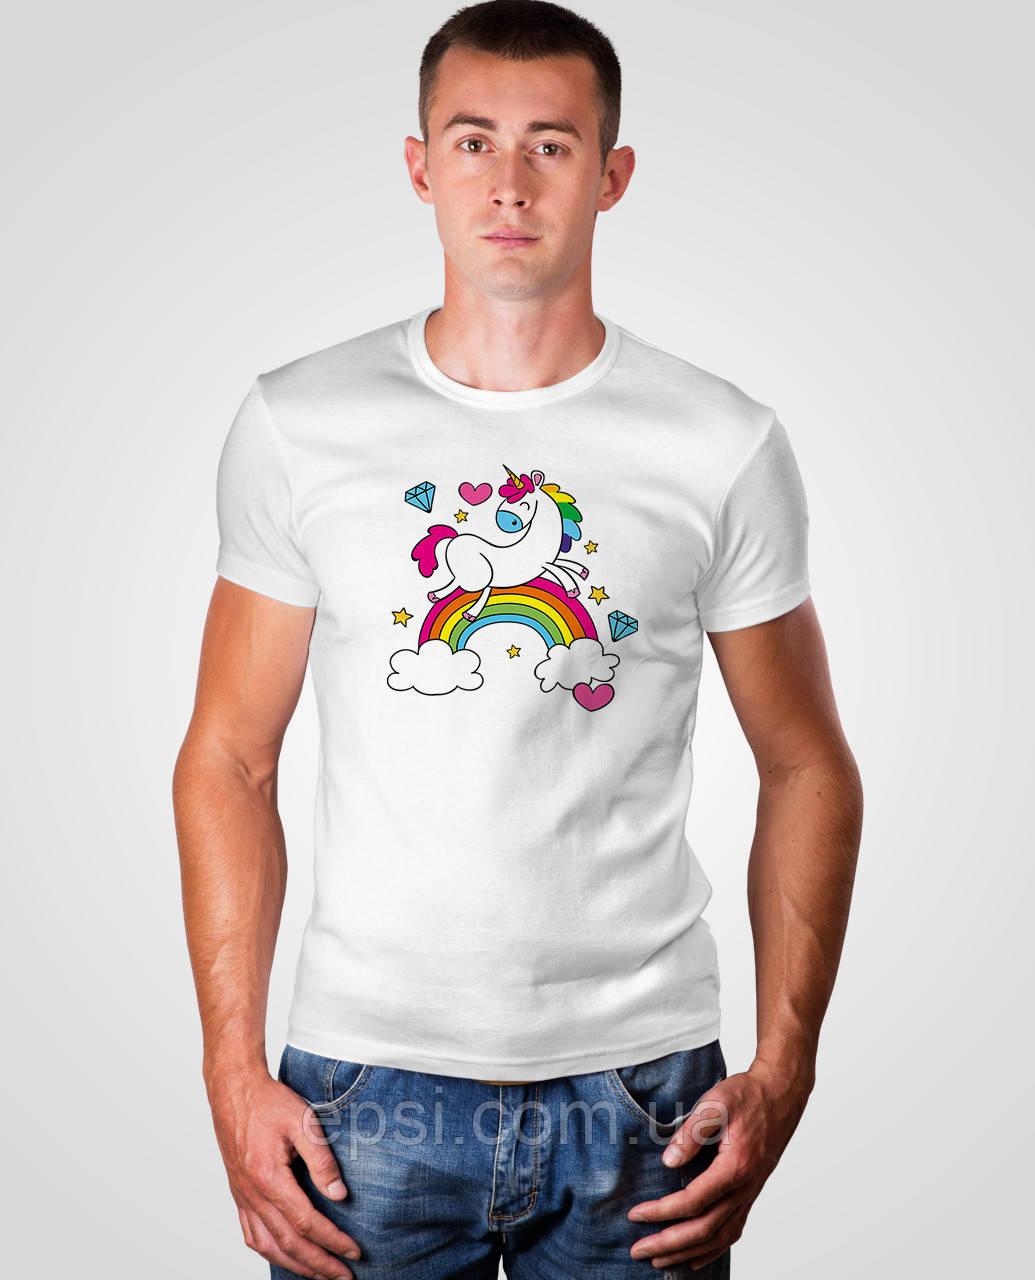 Футболка мужская с принтом Malta 18М063-17-Р Rainbow 1 XL Белая (2901000179896)